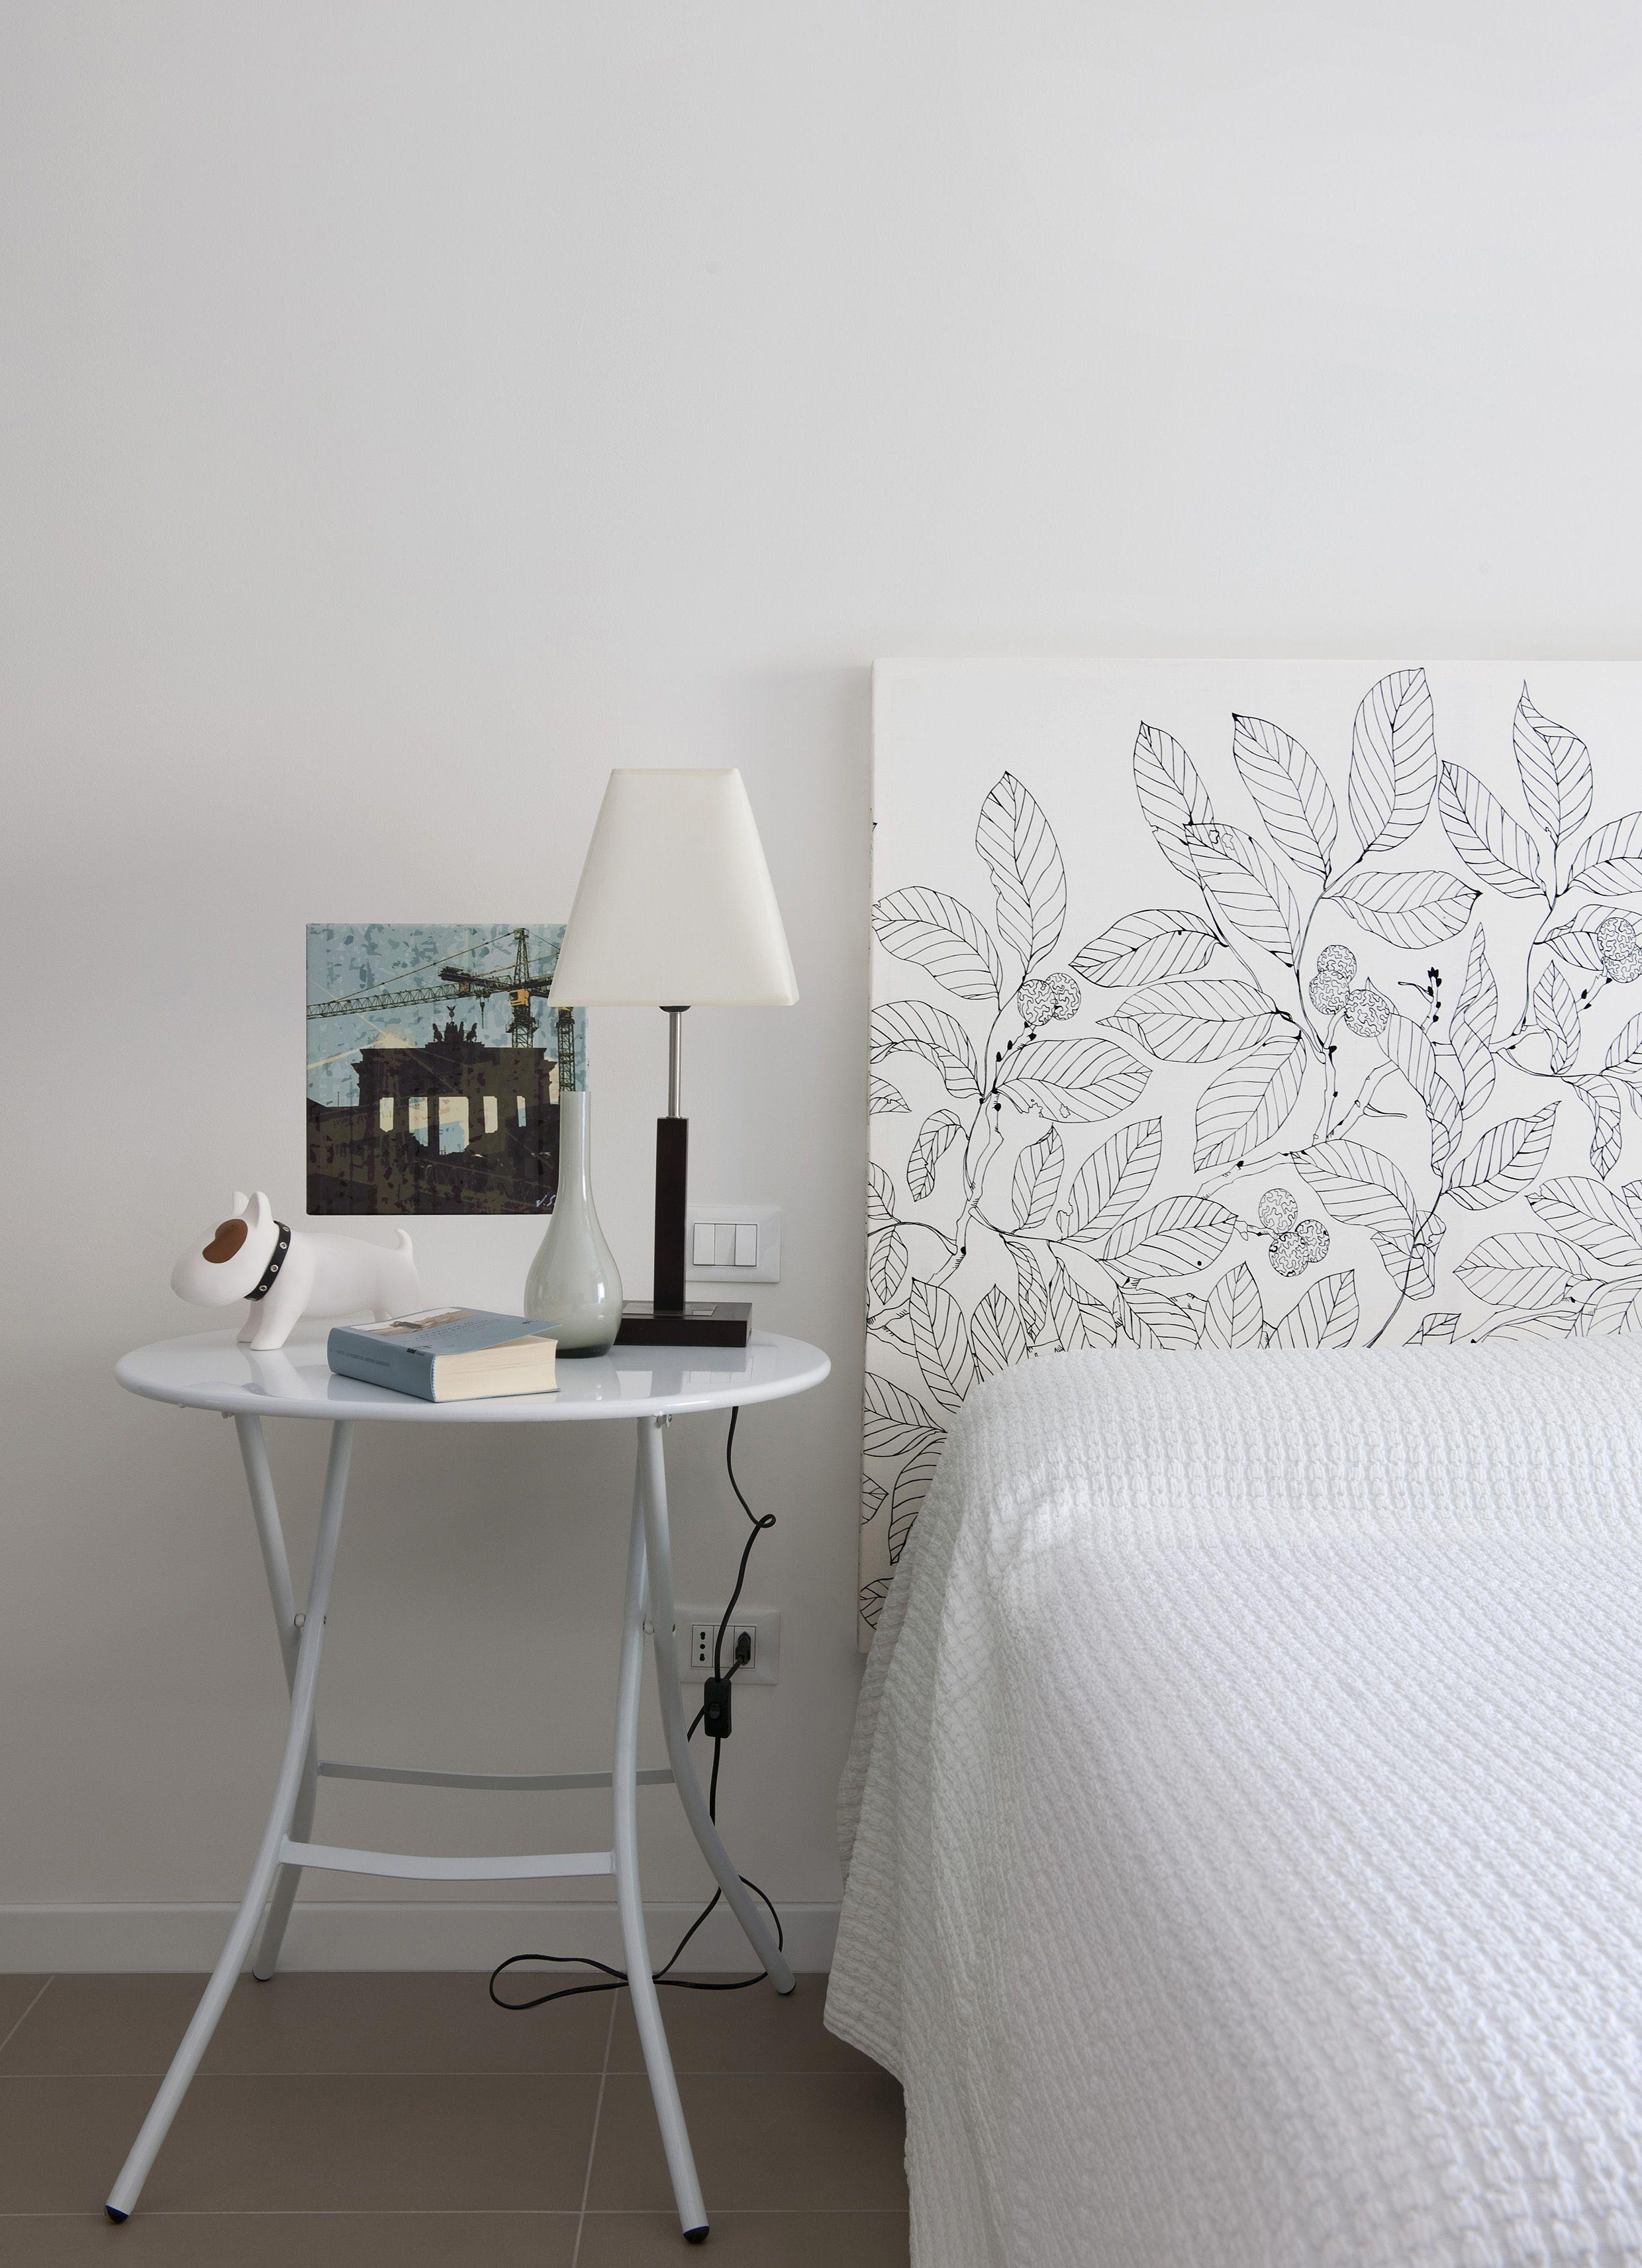 Idee per imbiancare camera da letto : idee per imbiancare camera ...